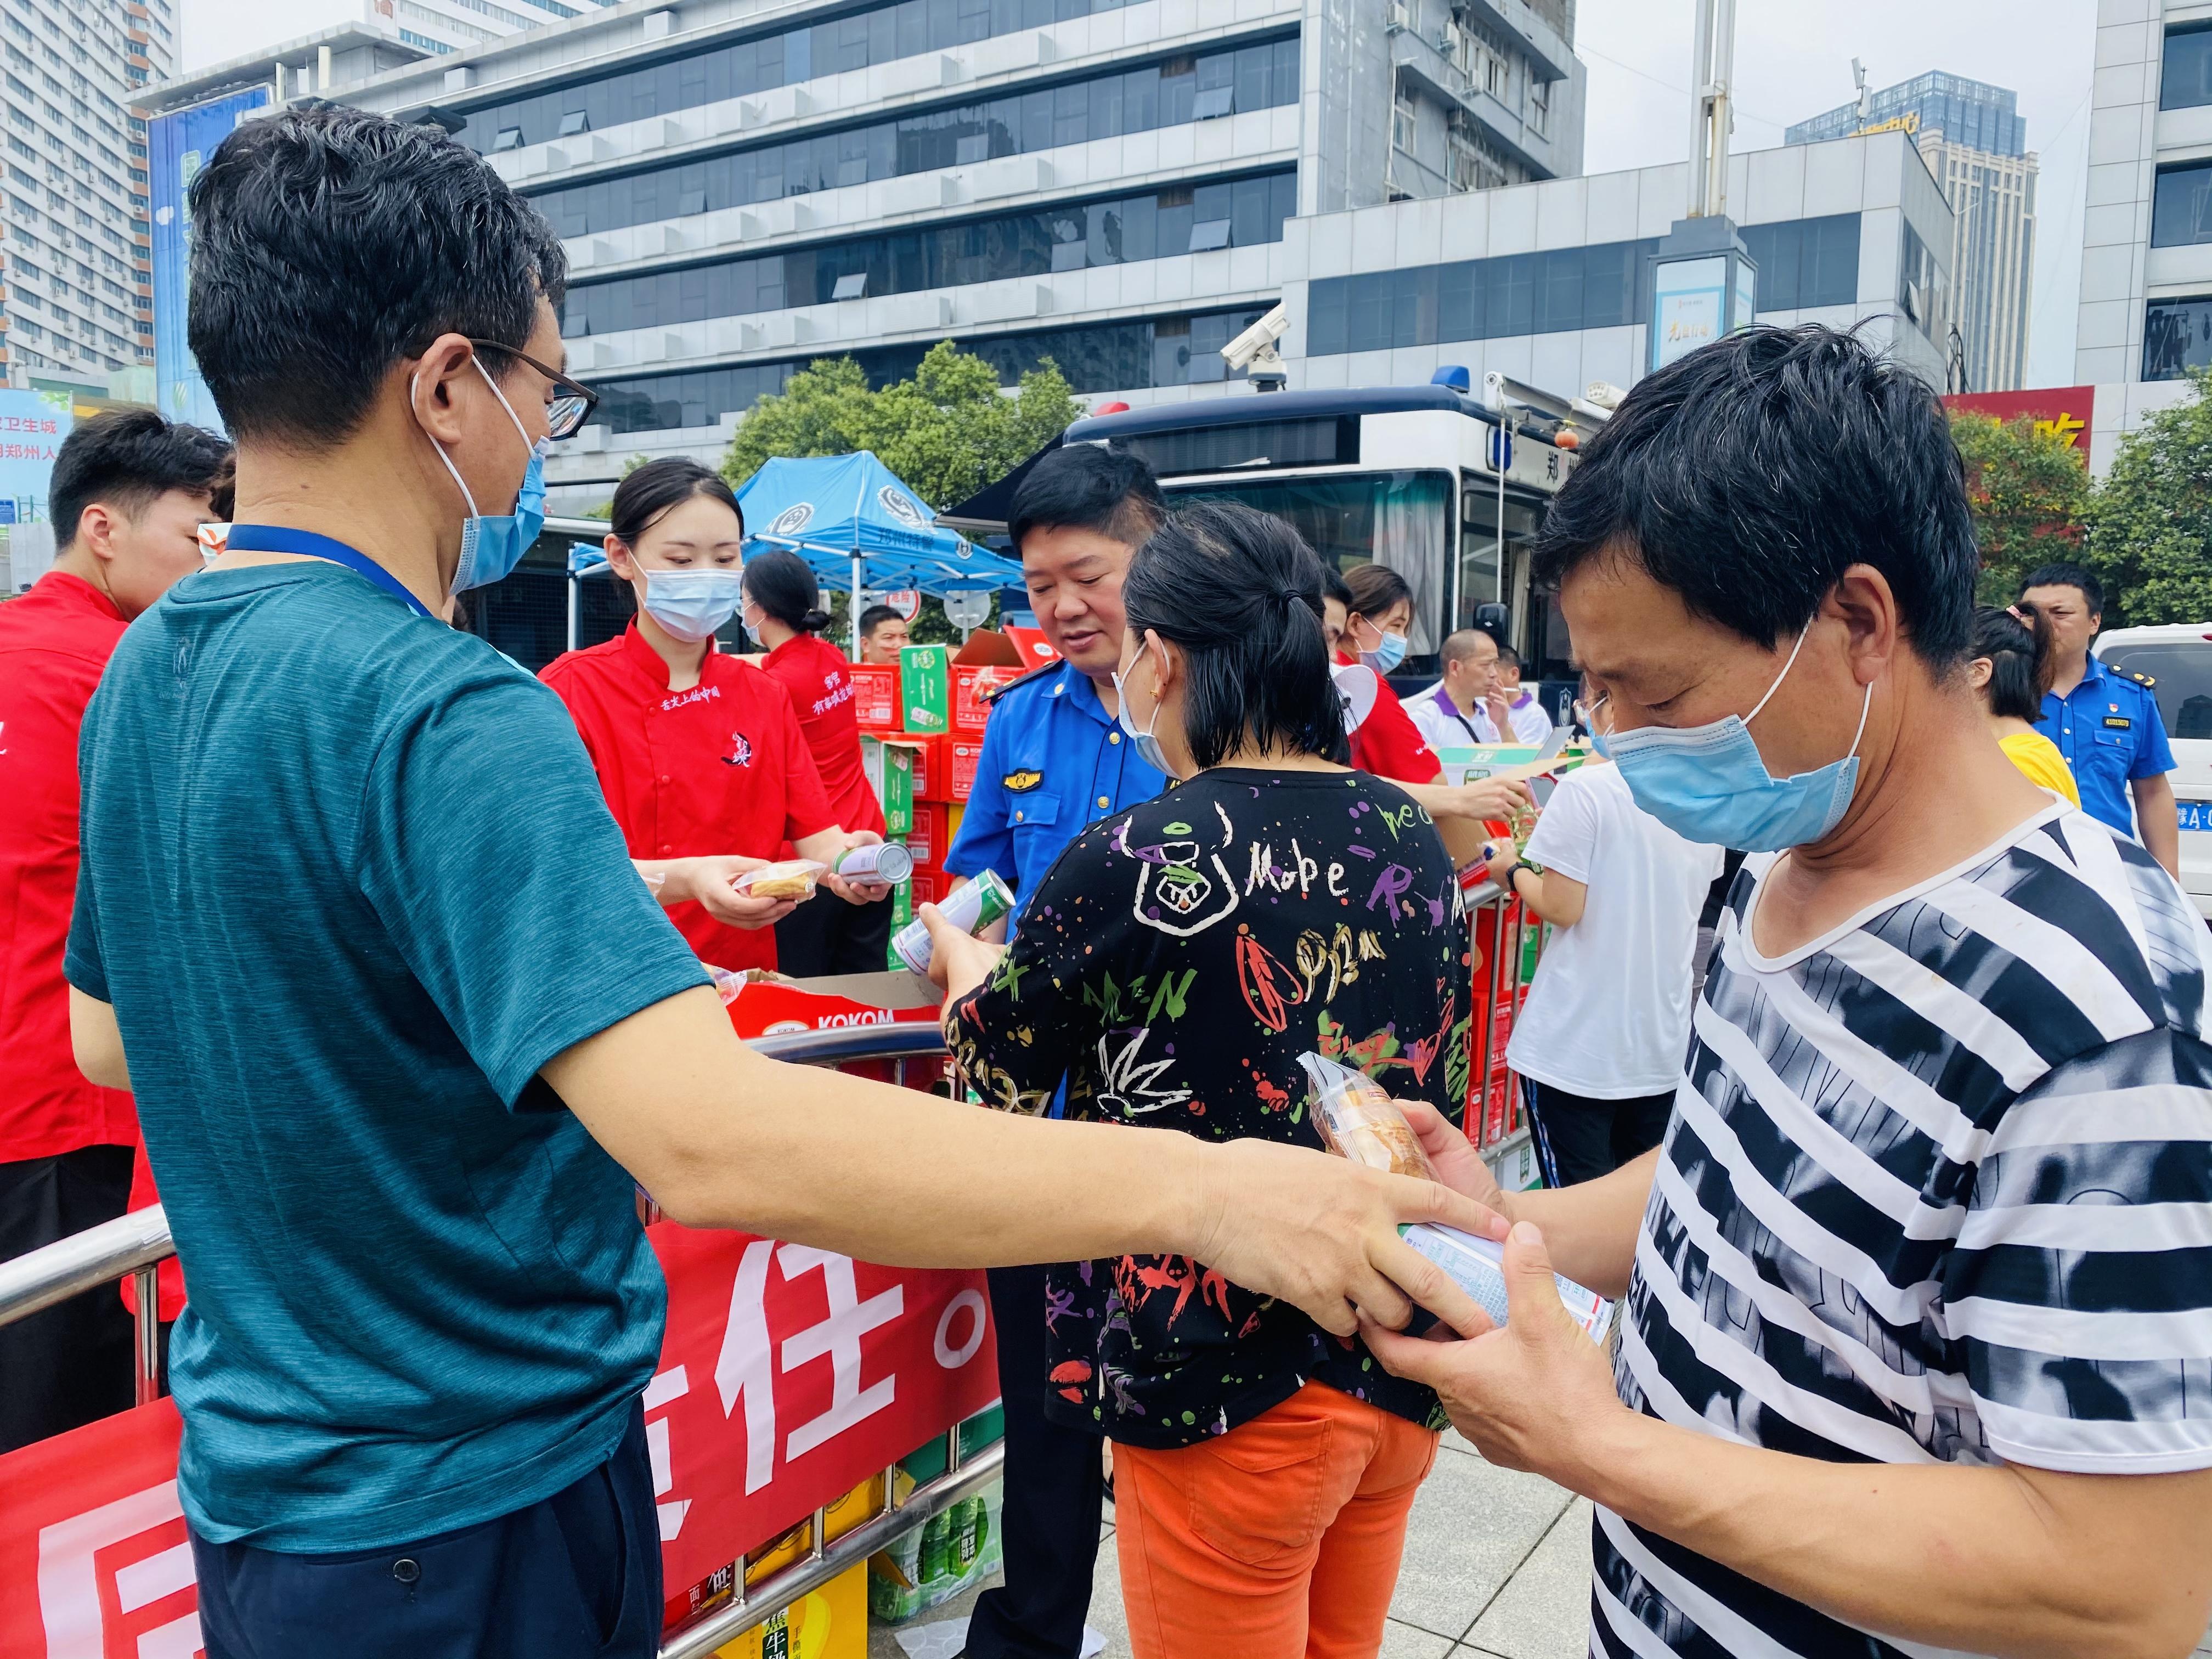 郑州车站仍滞留大量人员